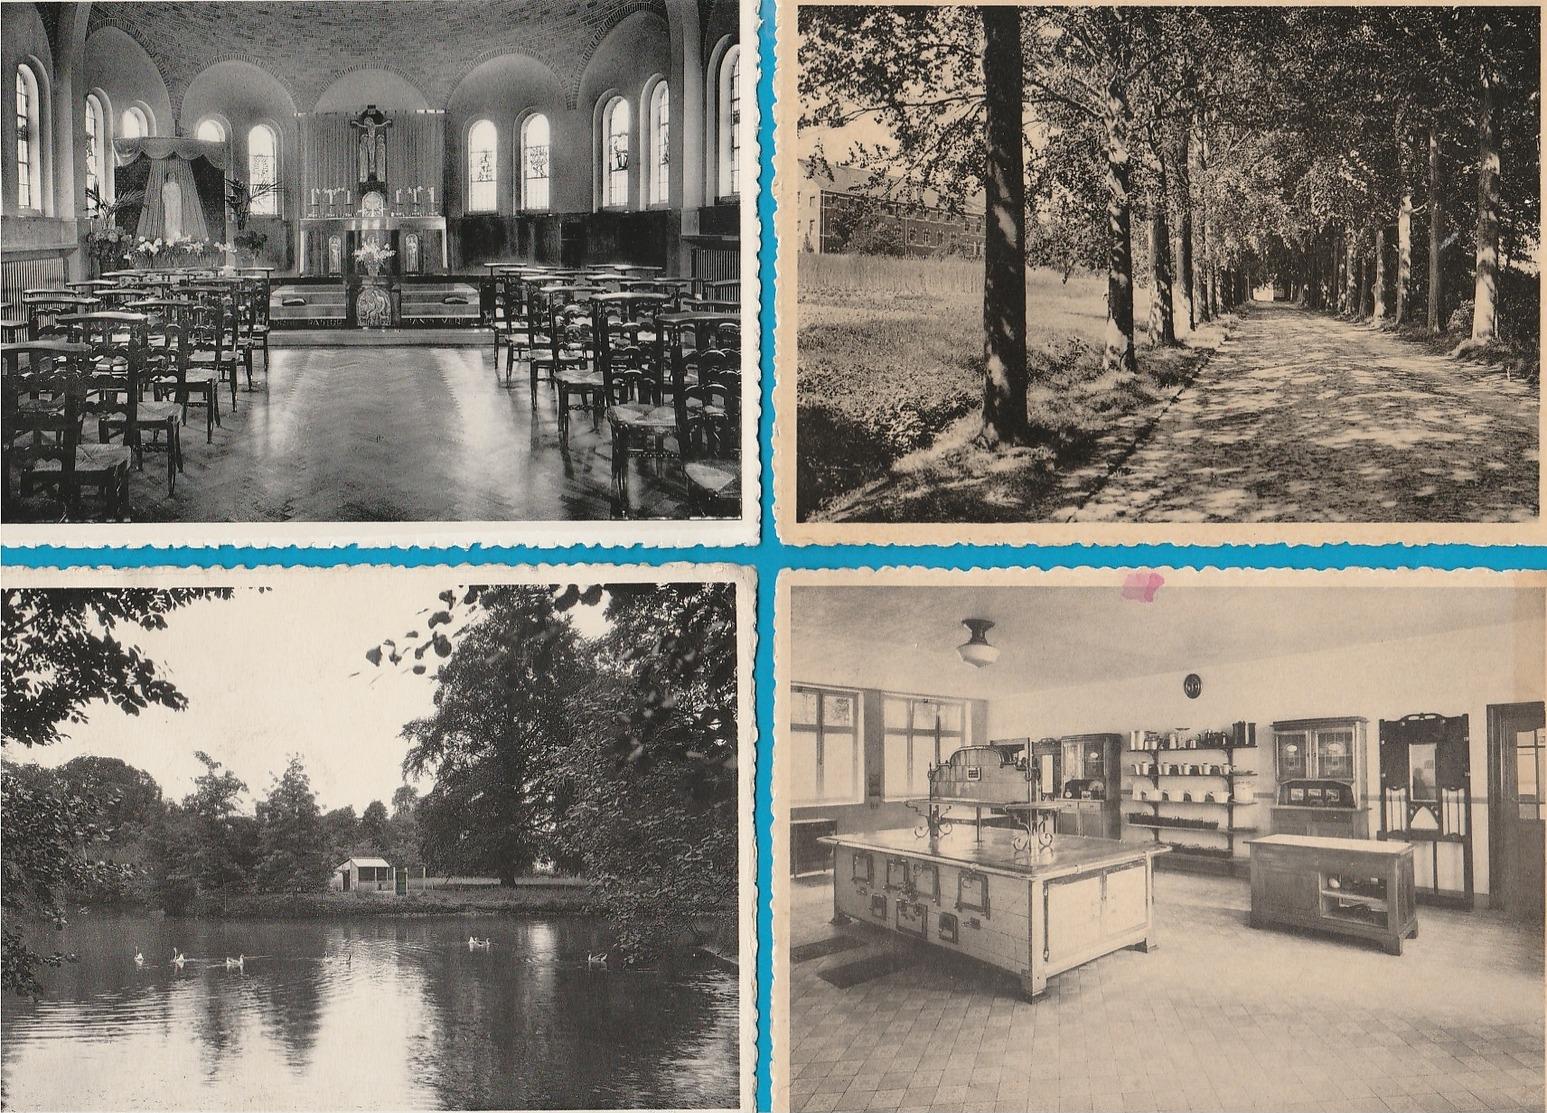 BELGIË Provincie Oost-Vlaanderen Lot Van 60 Postkaarten, 60 Cartes Postales - Cartes Postales